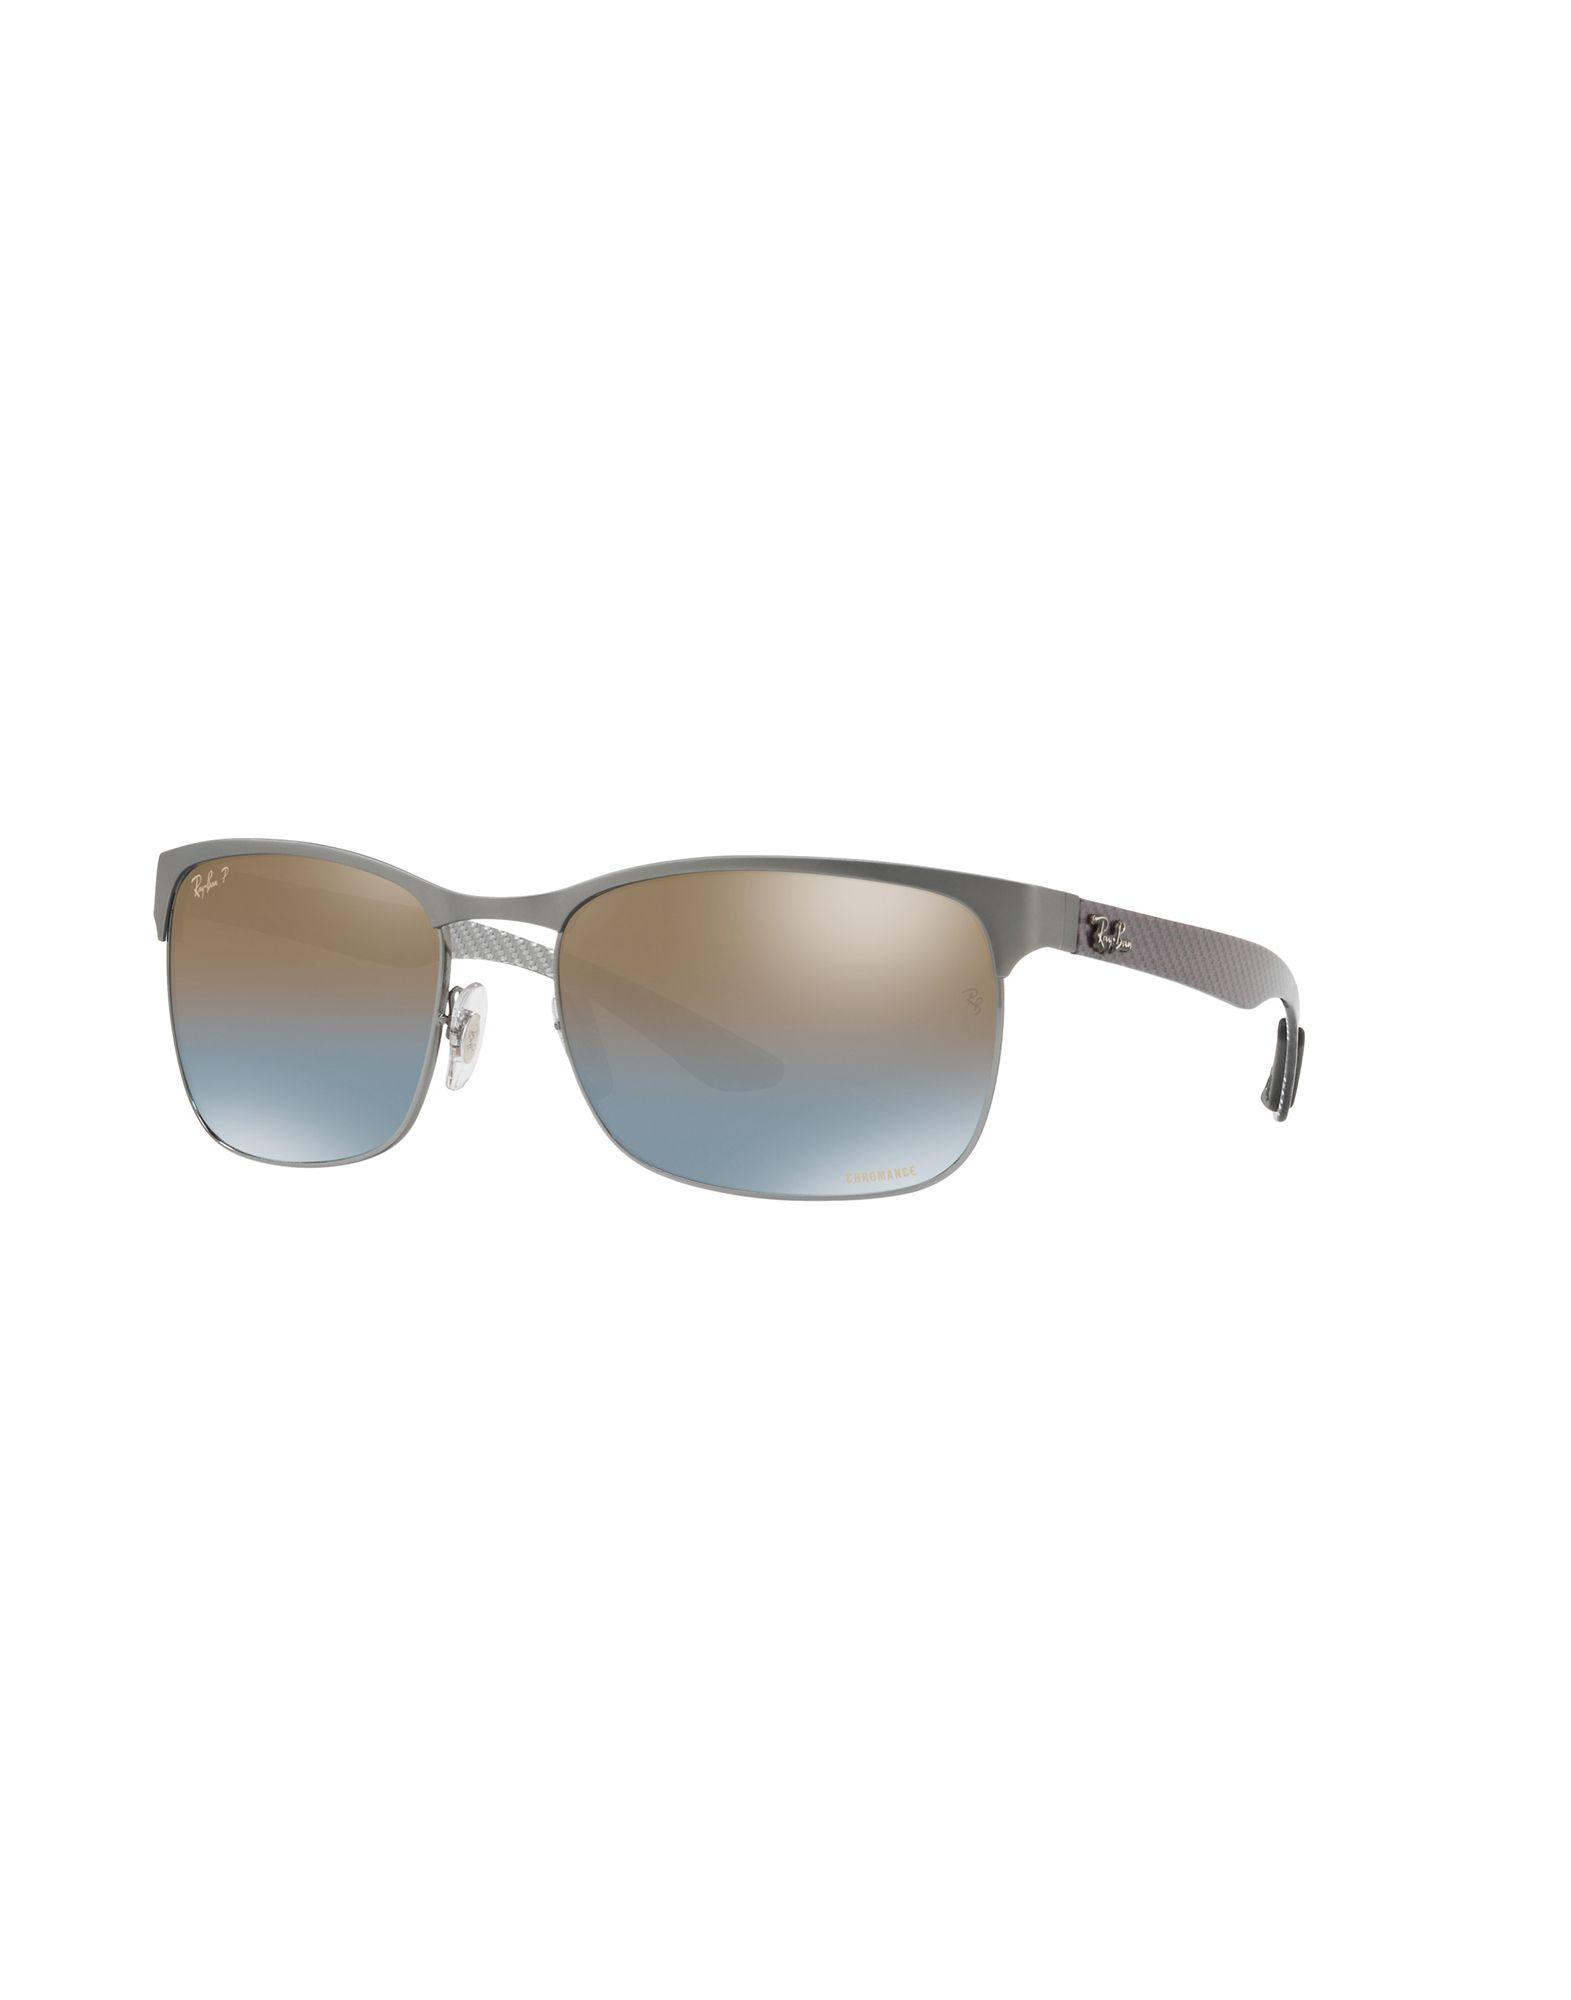 Occhiali Da Sole Ray-Ban Rb8319ch - Uomo - Acquista online su